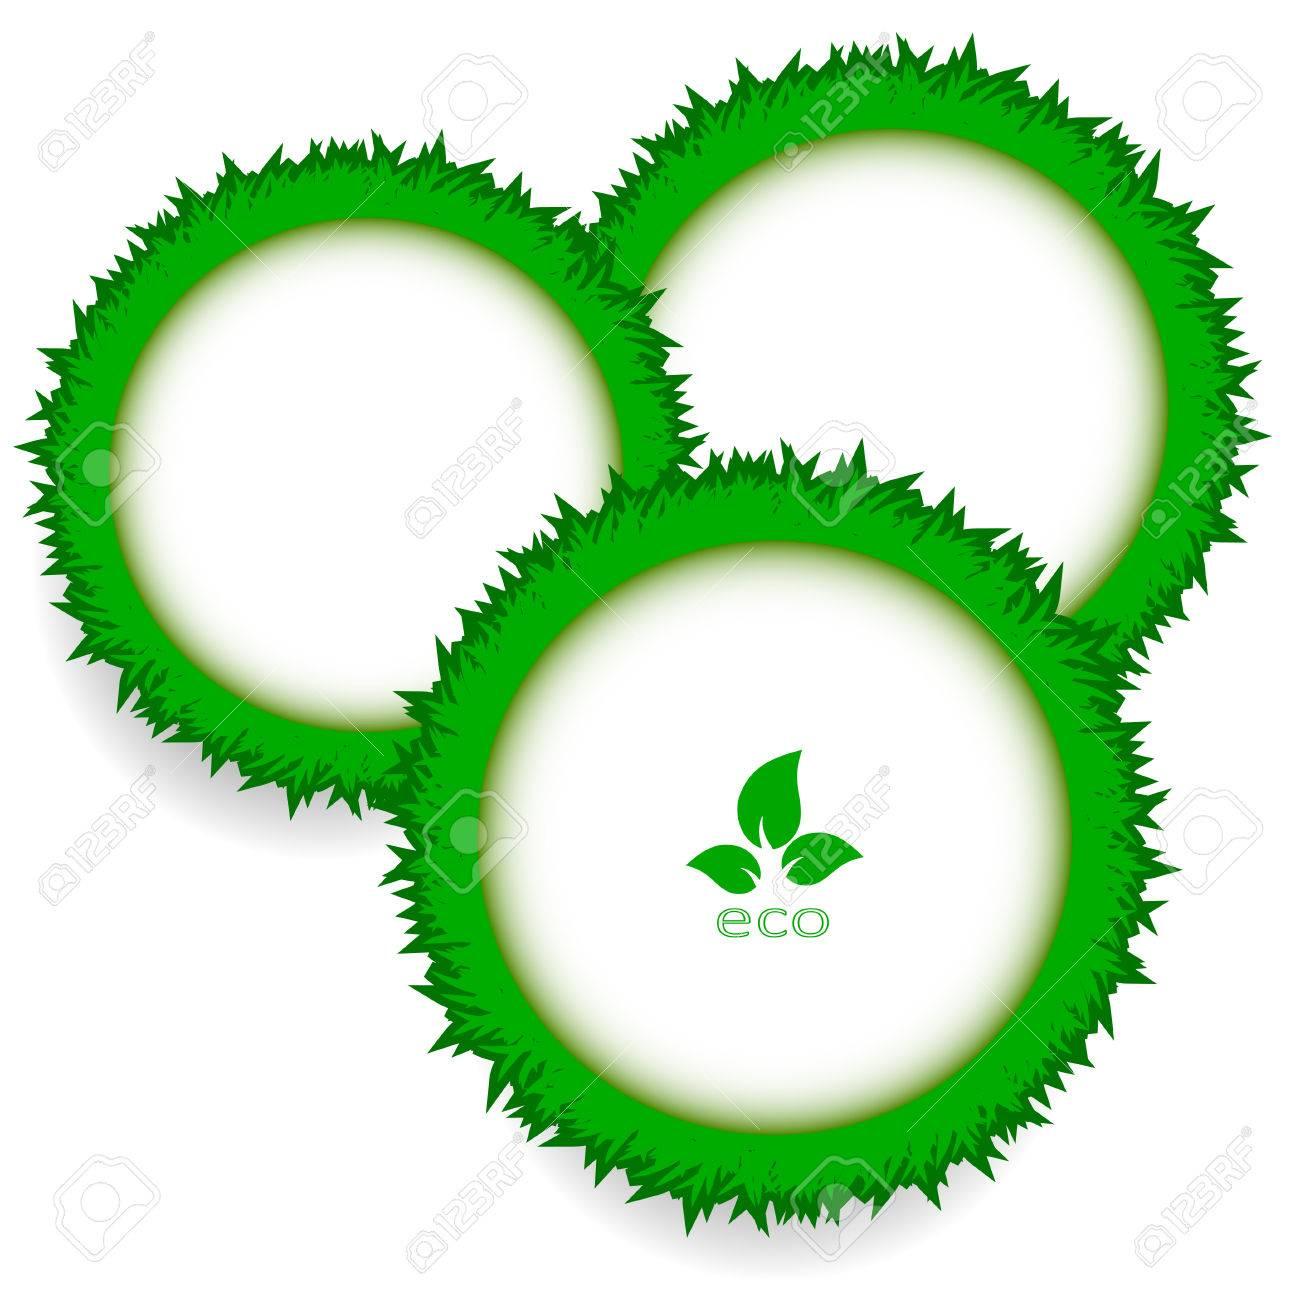 Abstrakte Grüne Gras Kreis Rahmen Vektor Whithintergrund Lizenzfrei ...